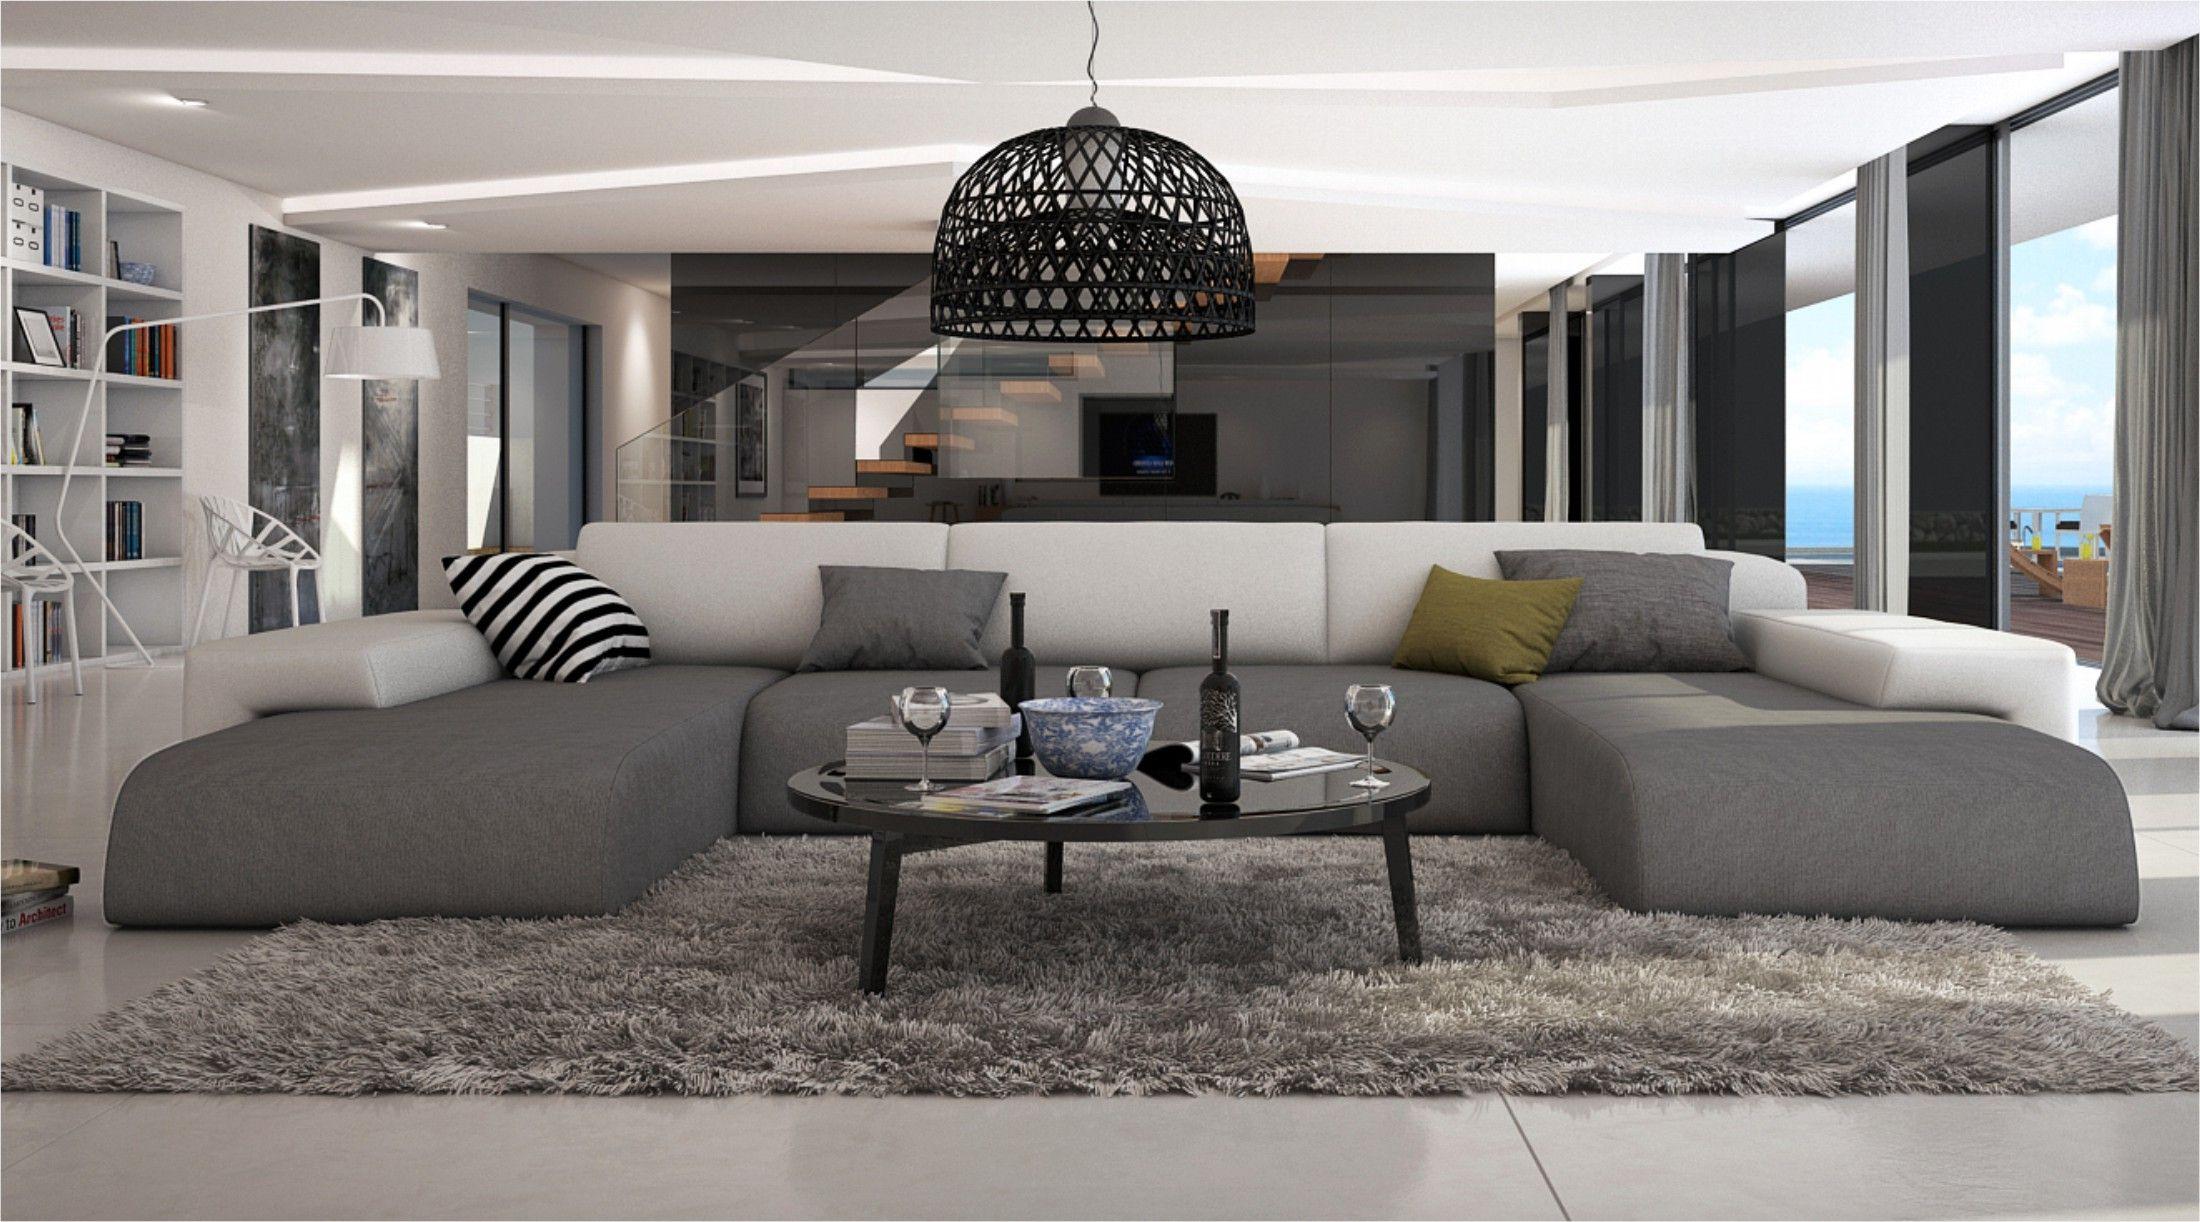 Ce Grand Canapé D'angle En U Conférera À Votre Salon Moderne ... dedans Canape Cuir En U